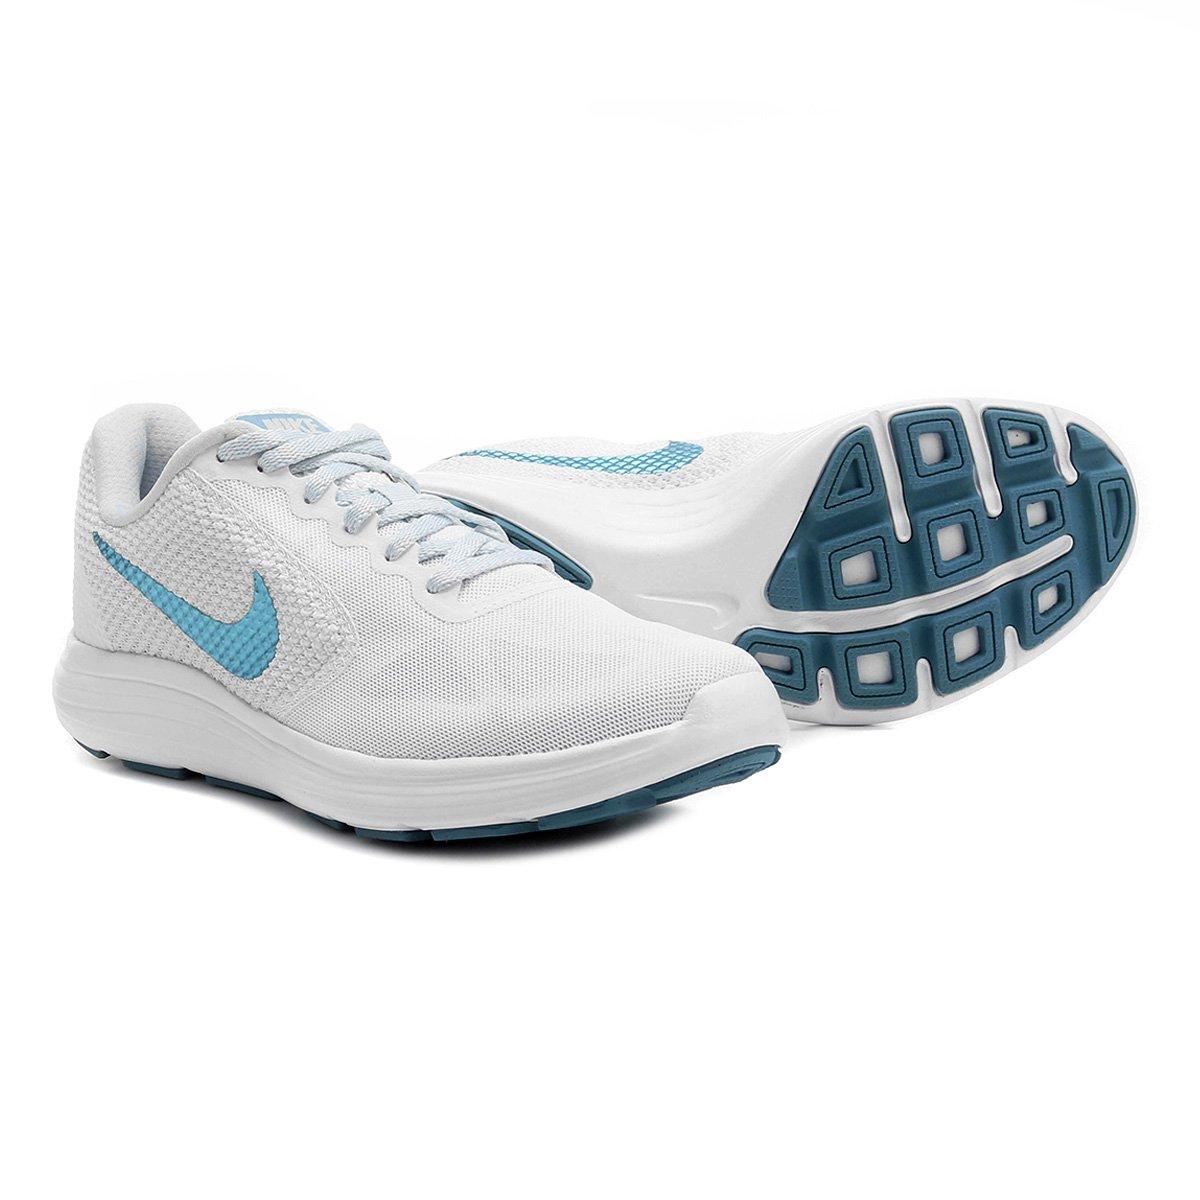 f14bd4fa22d Tênis Nike Revolution 3 Feminino - Branco e Azul Claro - Compre Agora